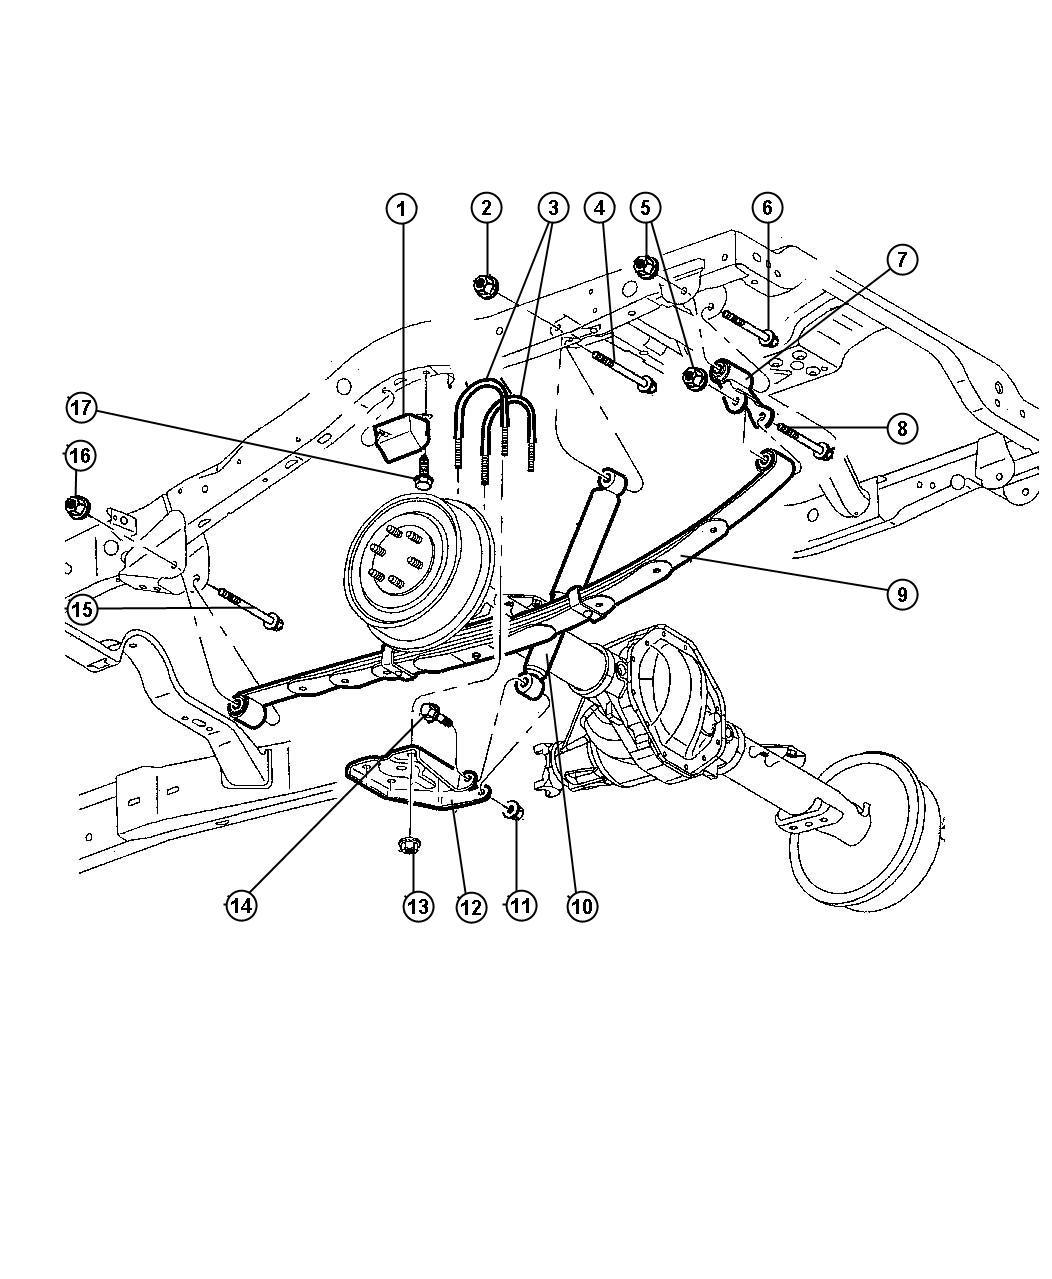 I on Dodge Durango Rear Bumper Diagram